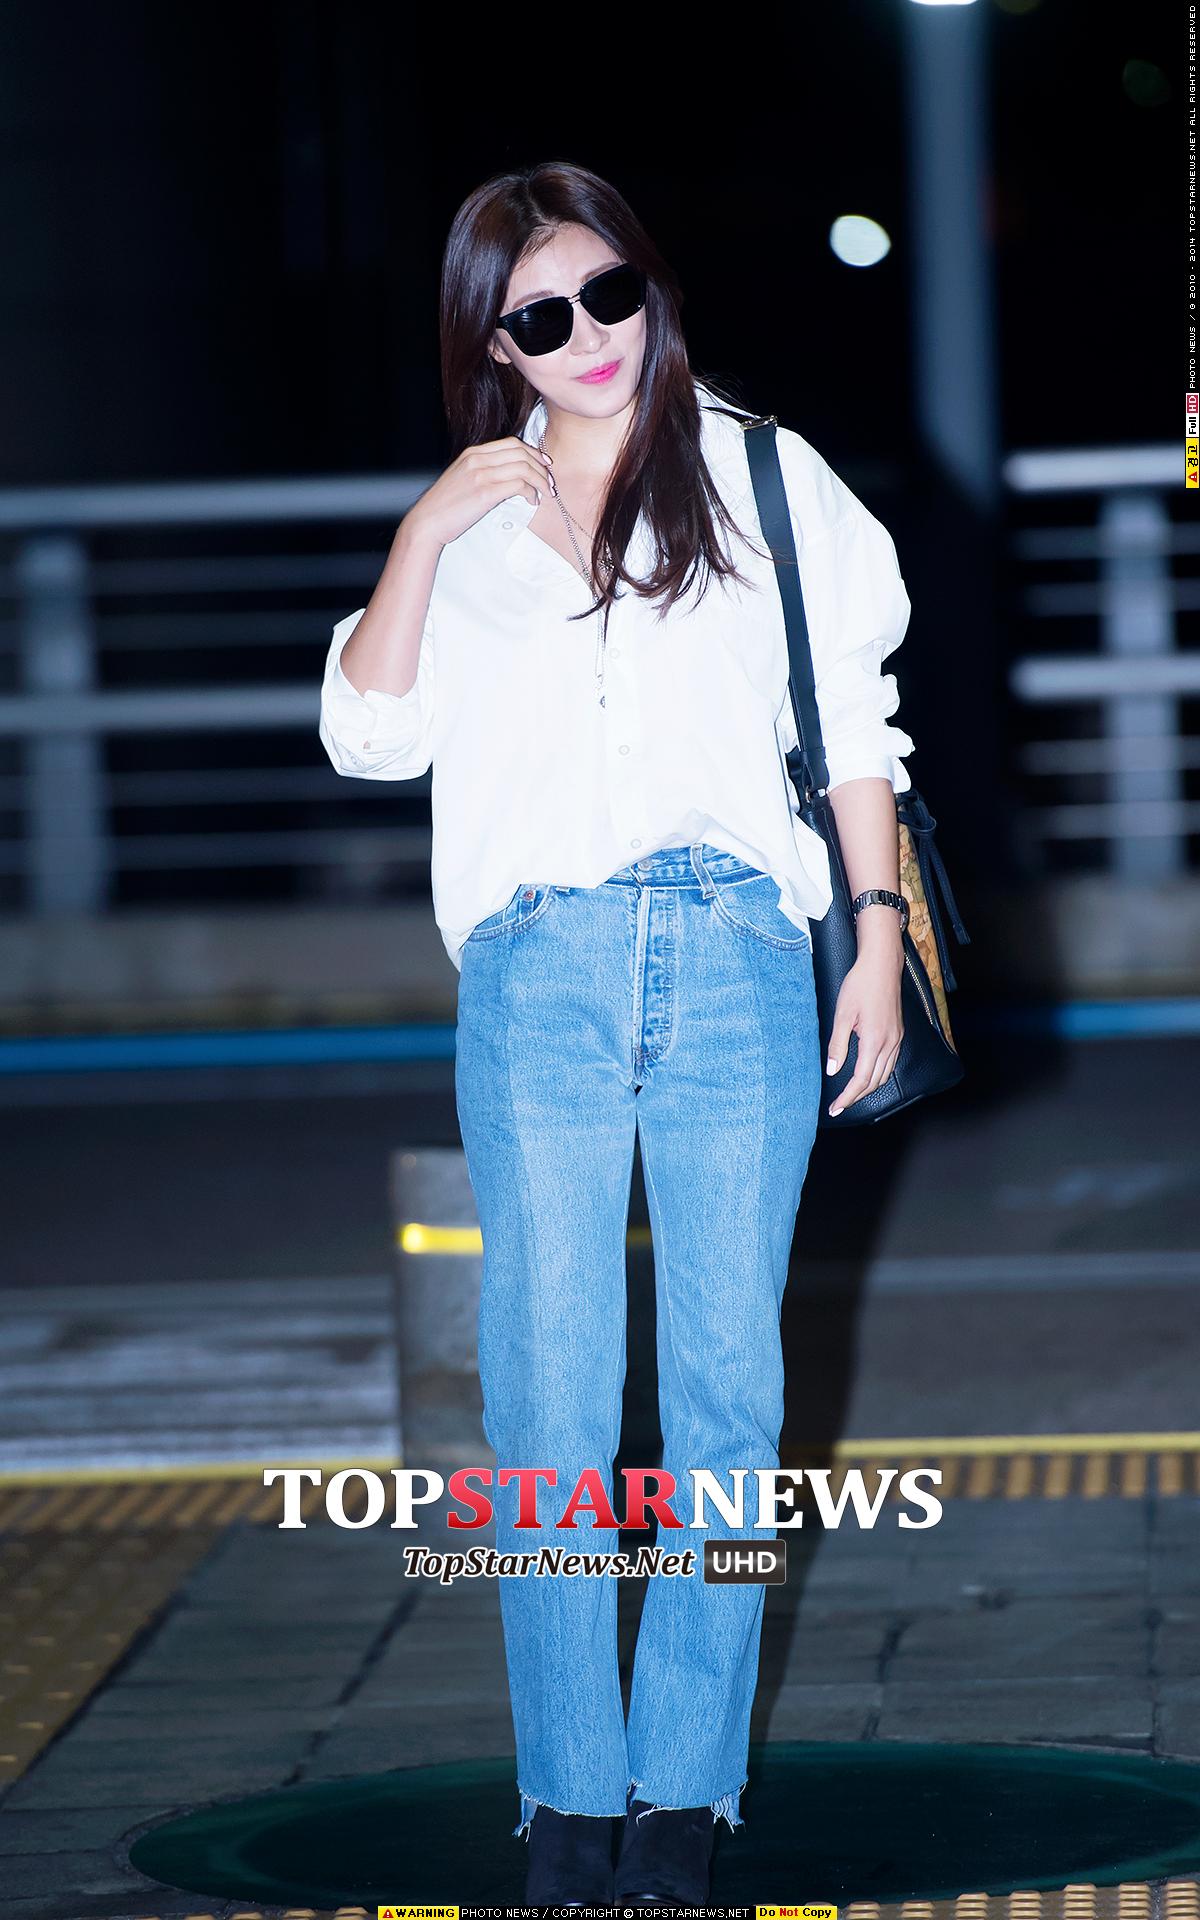 河智苑穿著寬版高腰牛仔褲和寬鬆的白襯衫,也很有股復古的風味